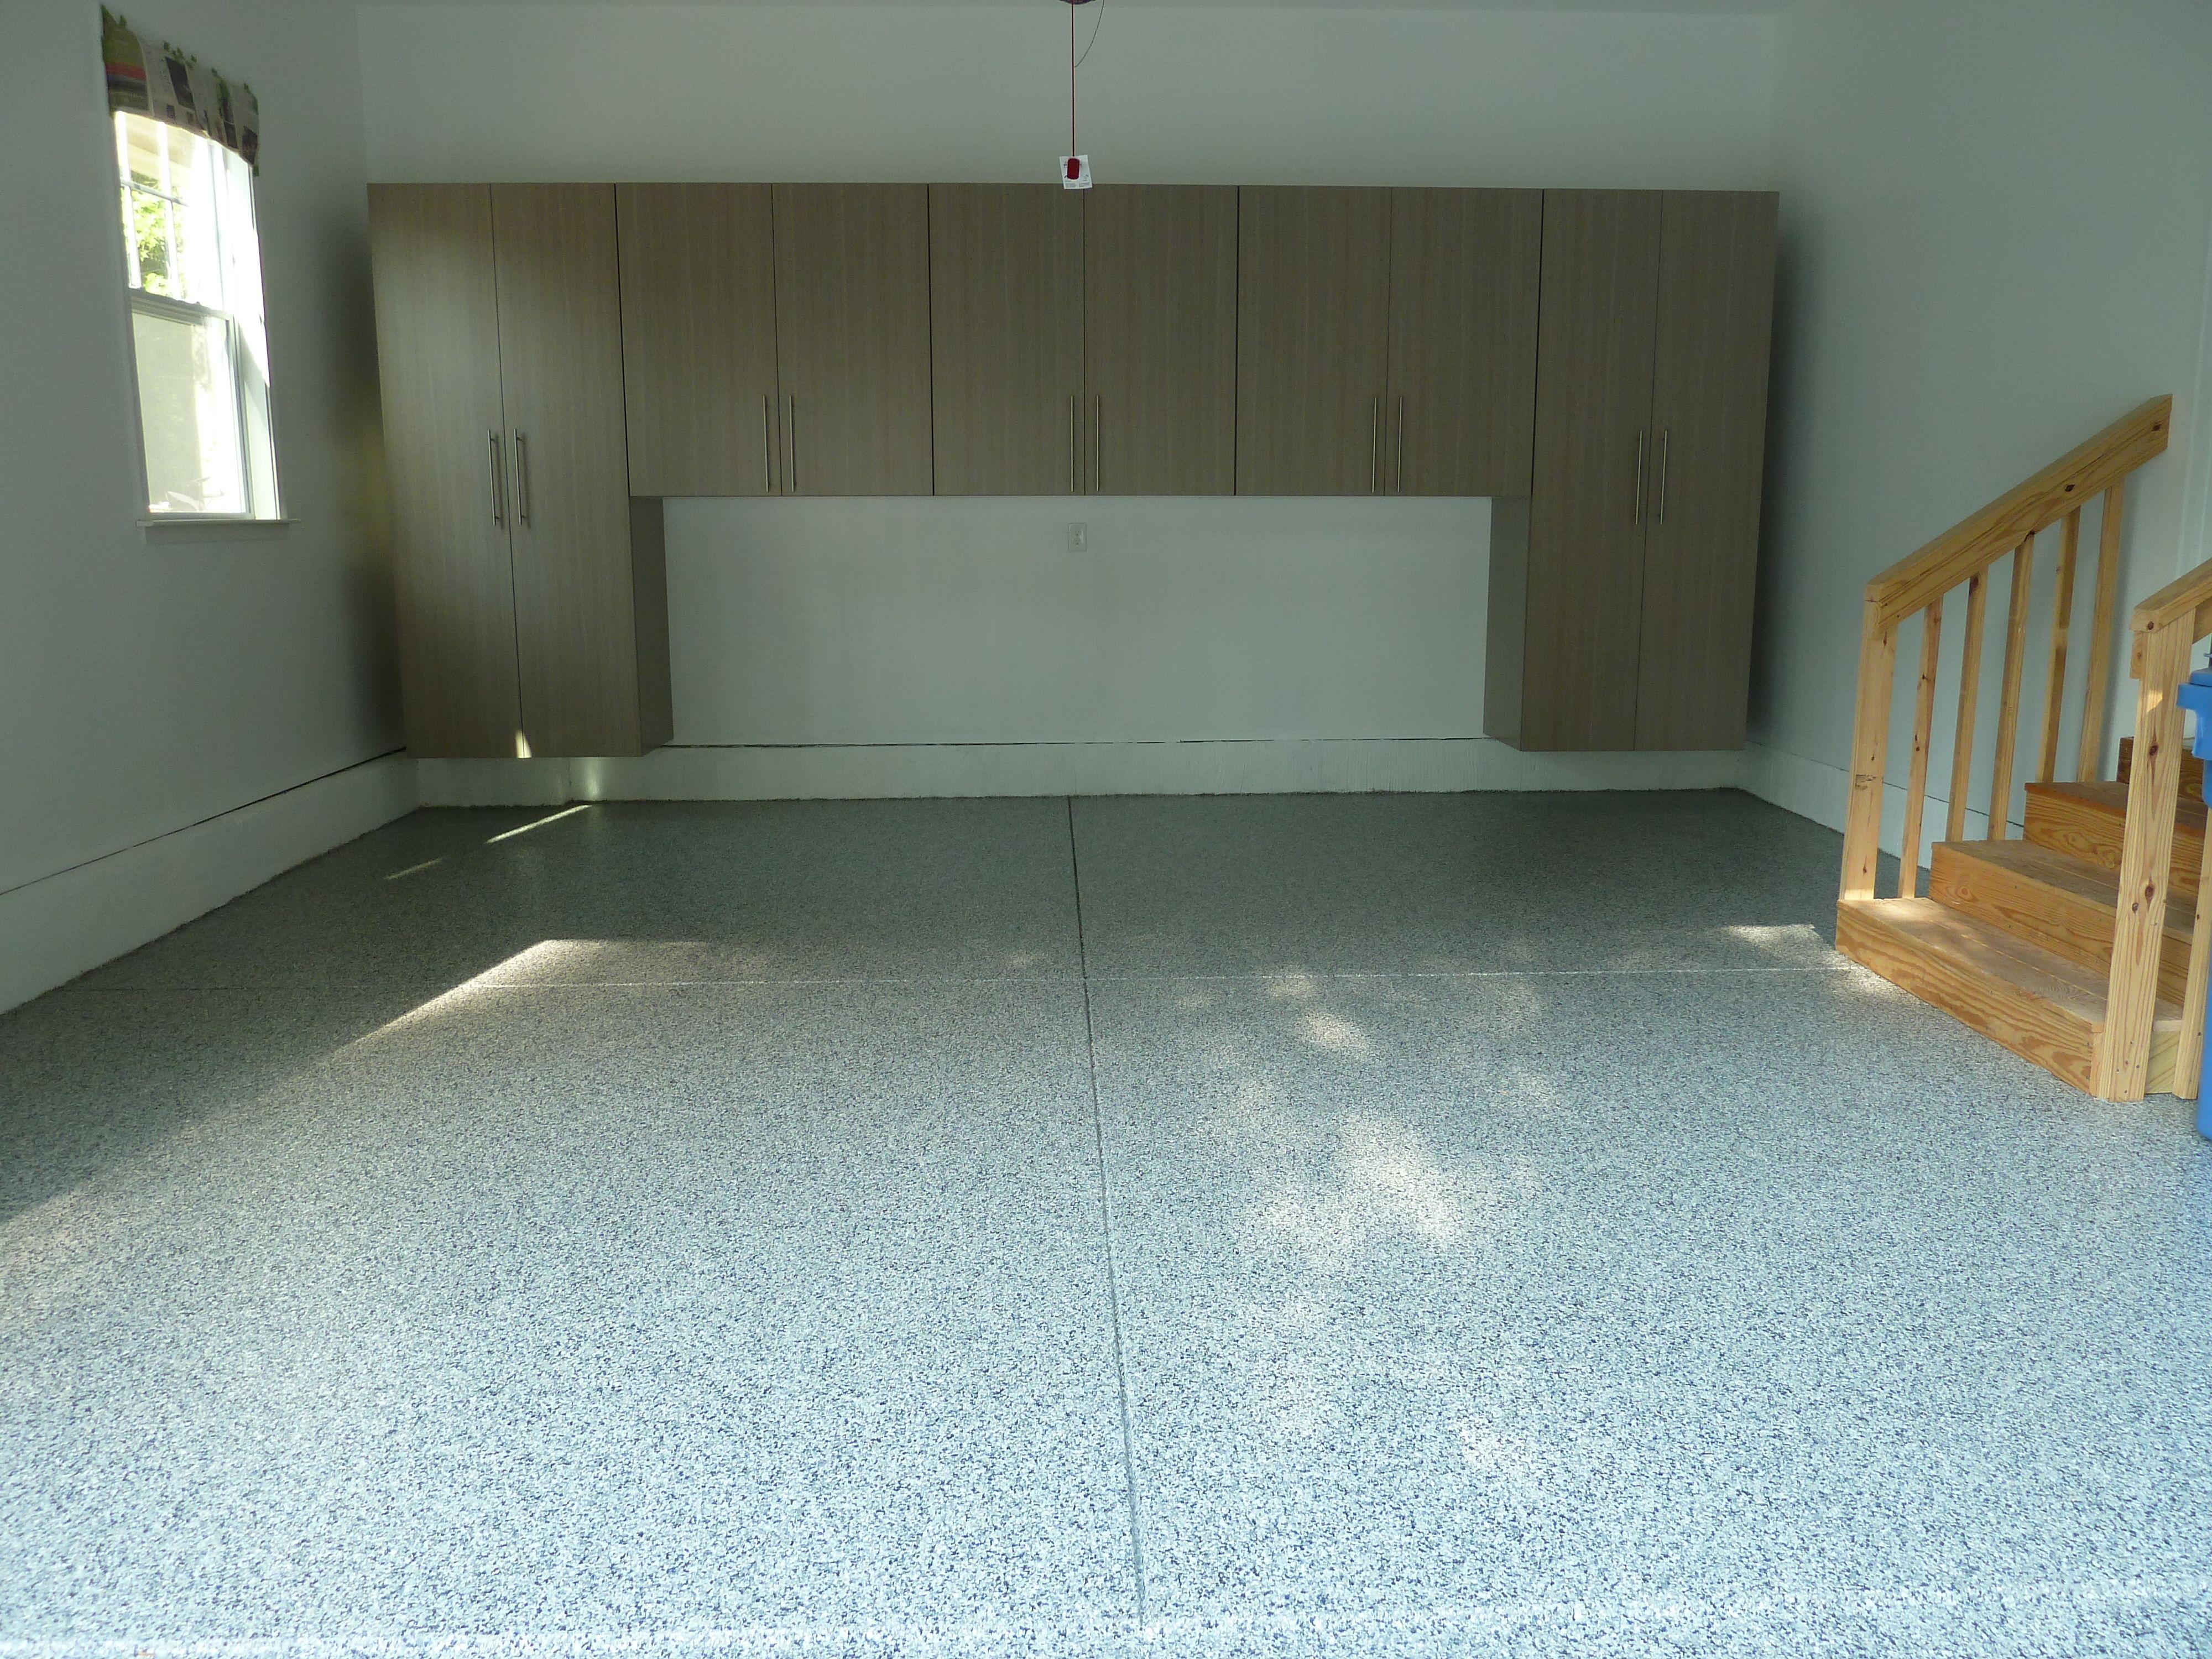 llc nashville floor gorilla photo garage shelby solutions flooring